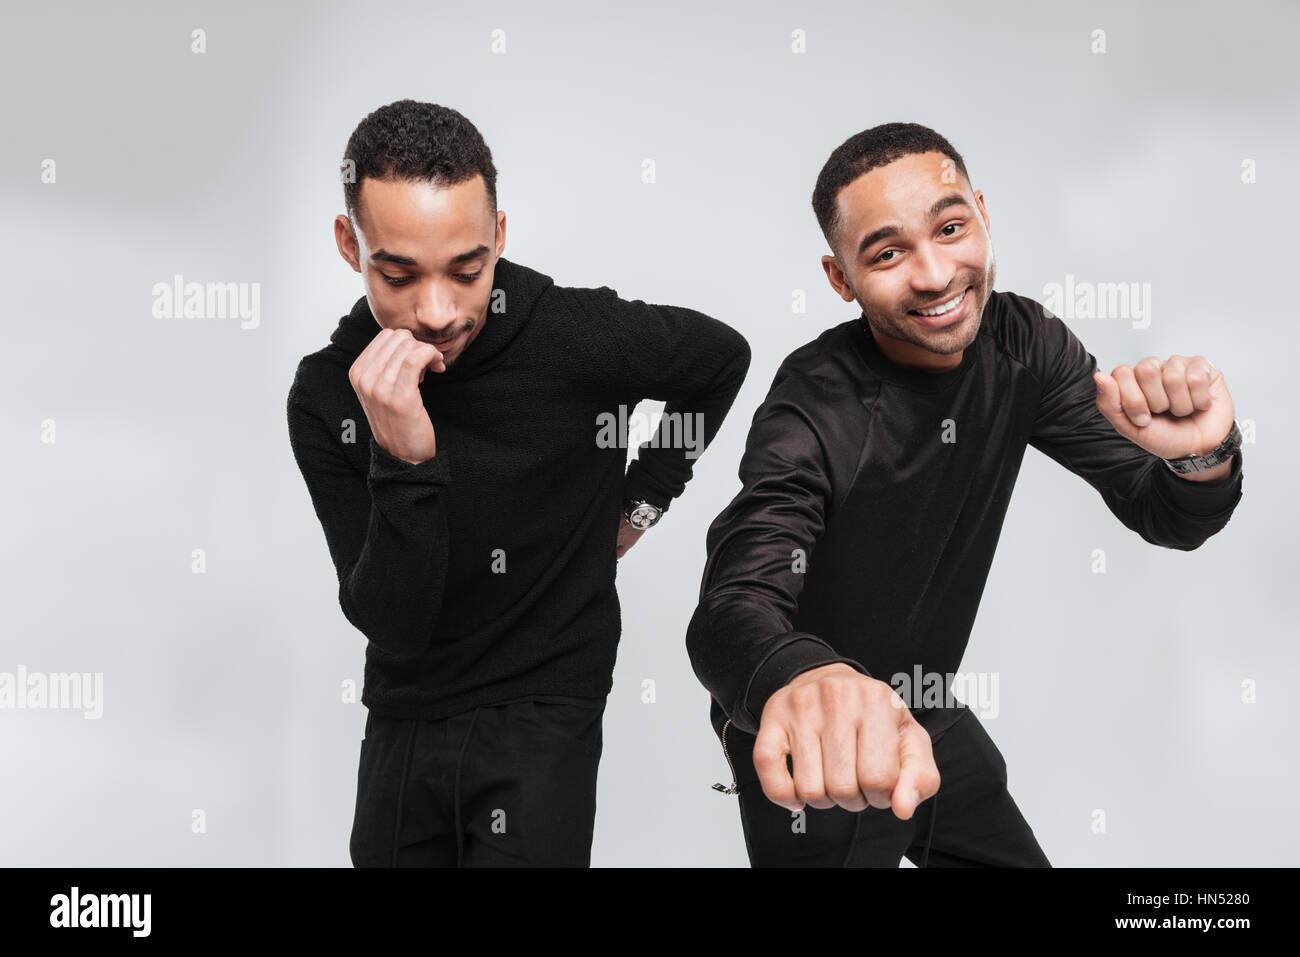 Bild von zwei Jungen glücklich afrikanische Männer tanzen über weißen Hintergrund beim Blick auf Kamera und beiseite. Stockfoto